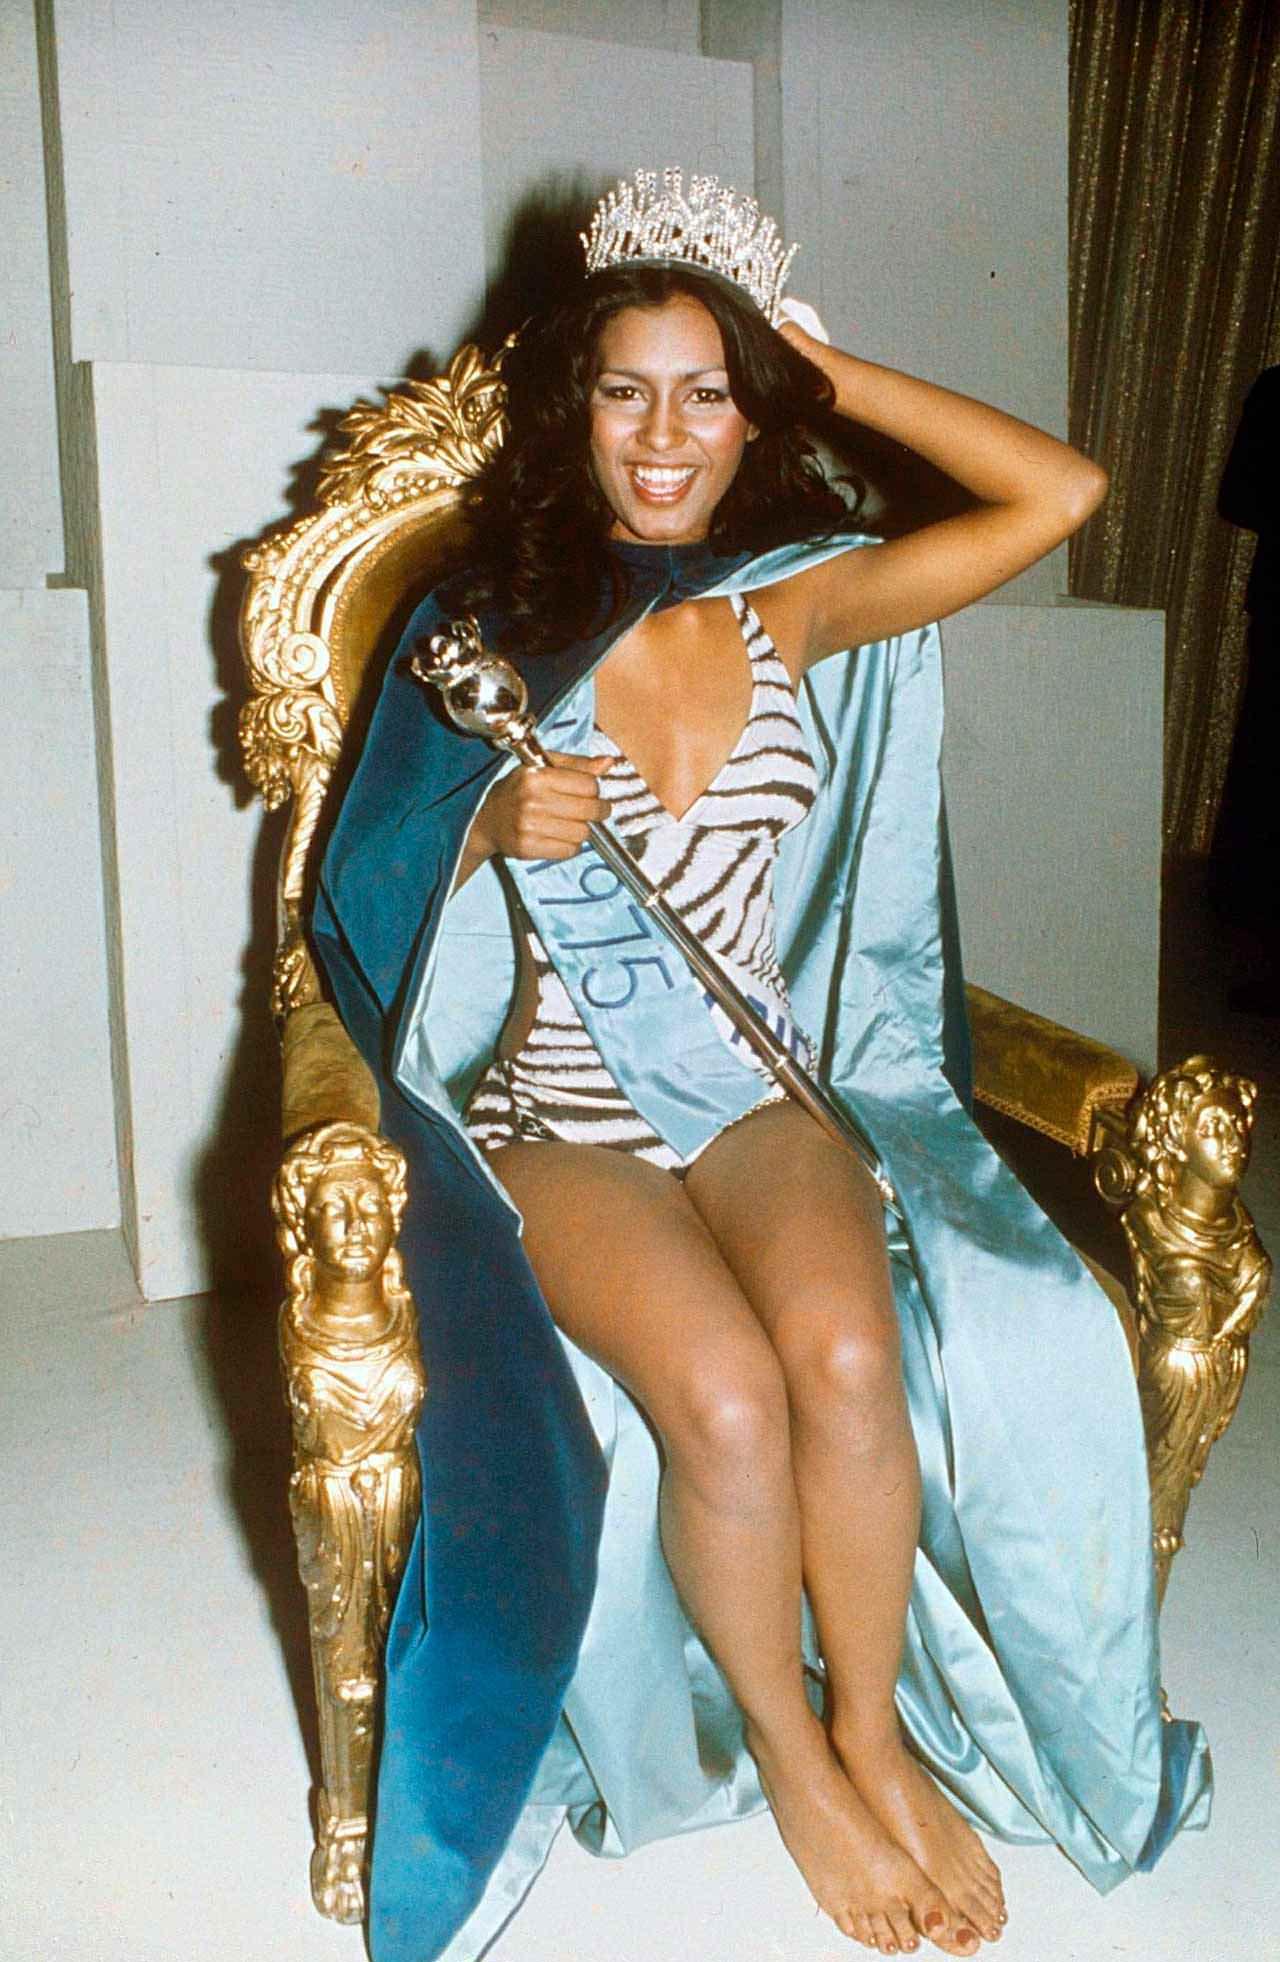 Фото   Мисс Мира 1975 года Вильнелия Мерсед